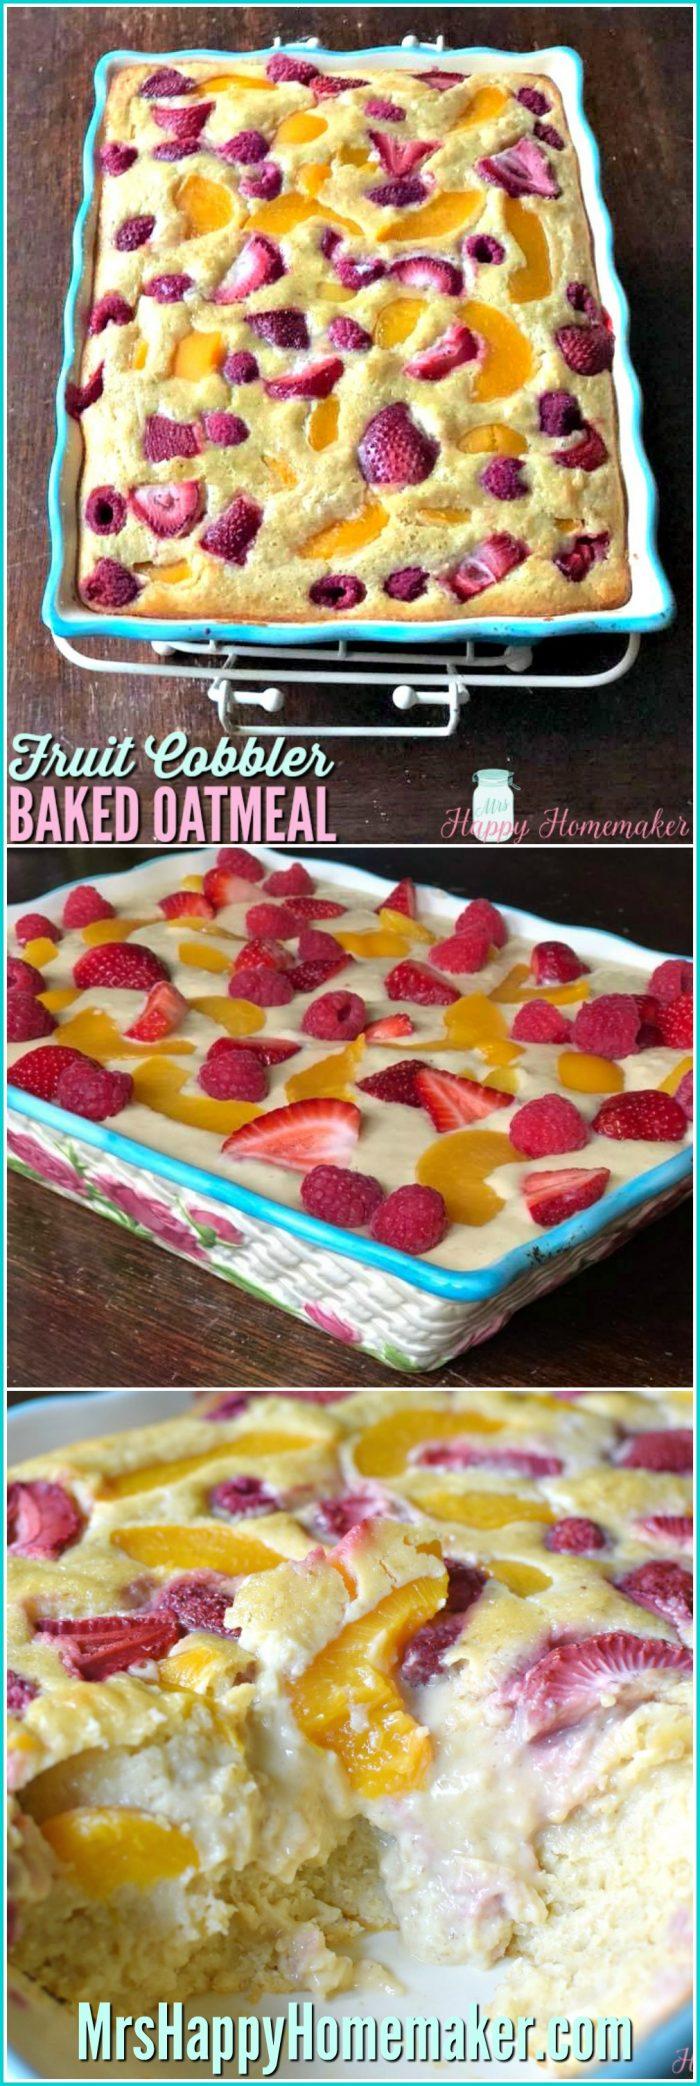 Fruit Cobbler Baked Oatmeal | MrsHappyHomemaker.com